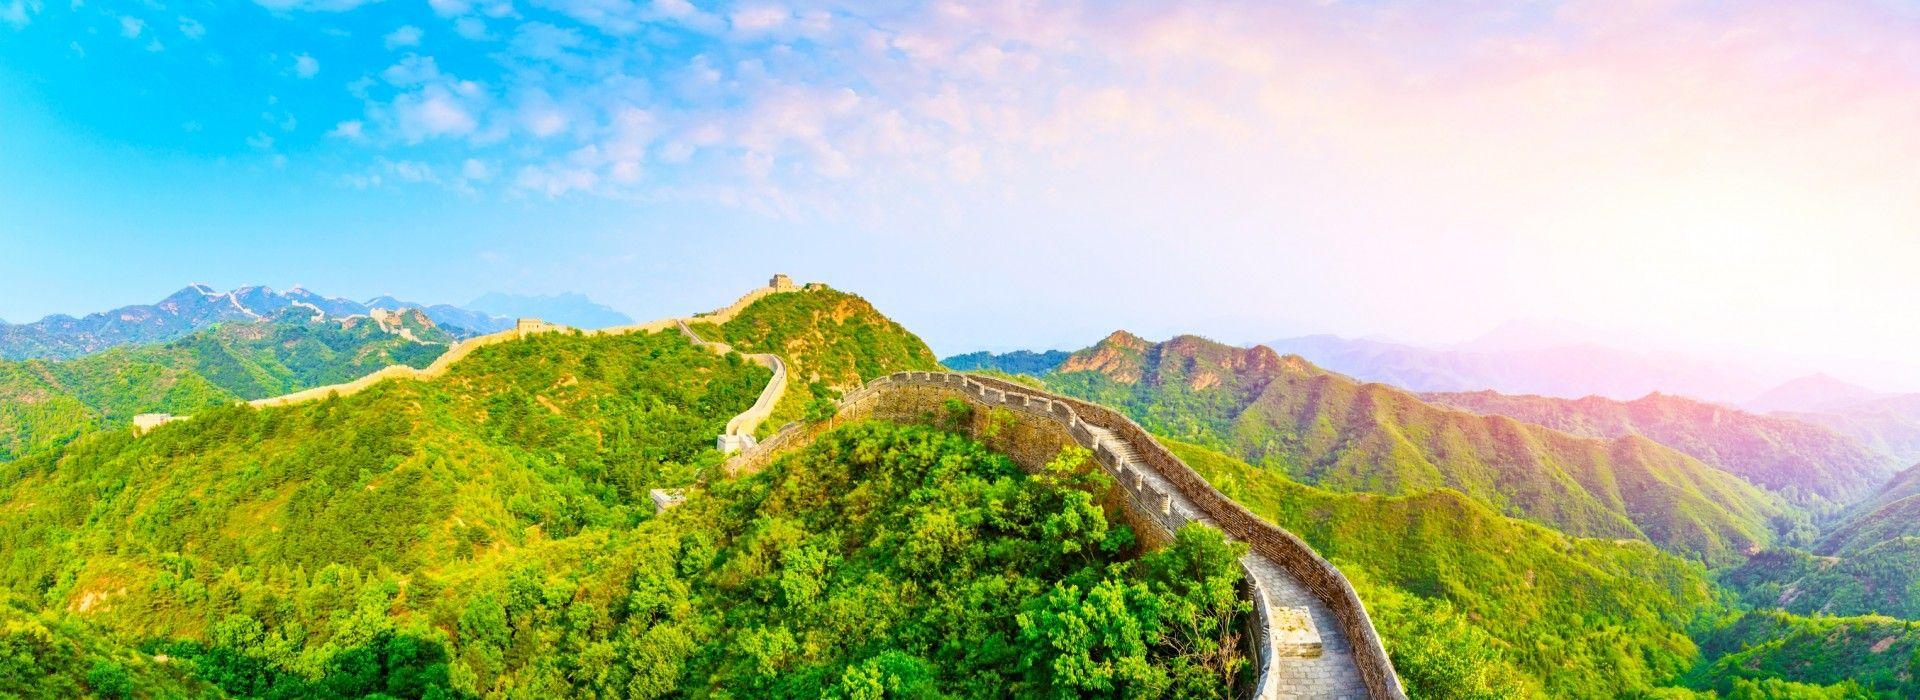 Natural landmarks sightseeing Tours in Kunming